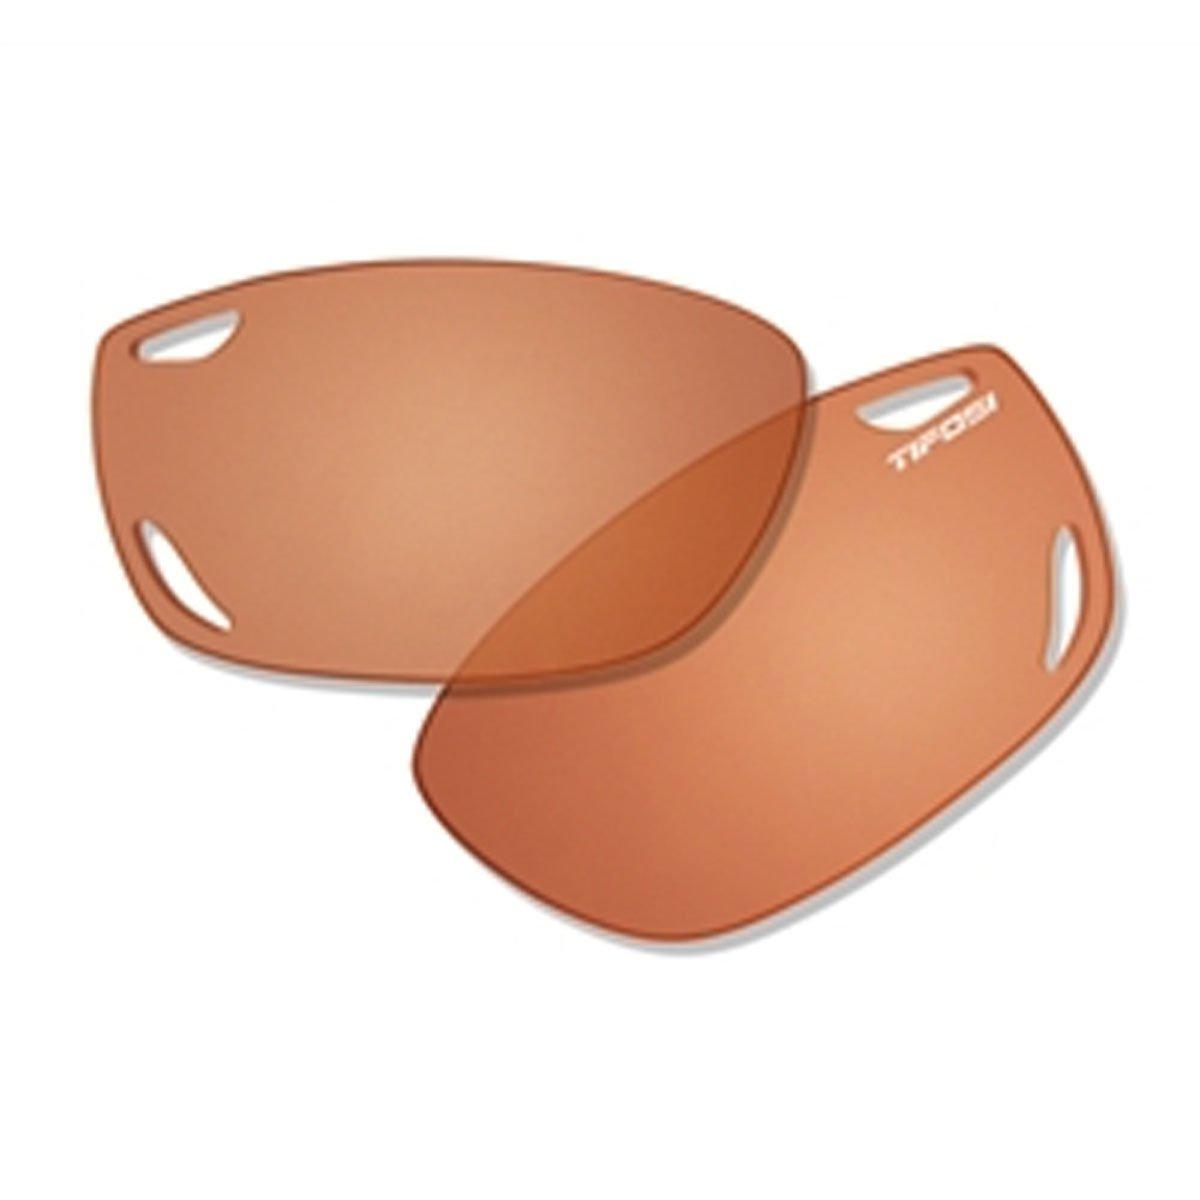 Tifosi Dolomite Replacement Lenses Tifosi Optics T-L9003